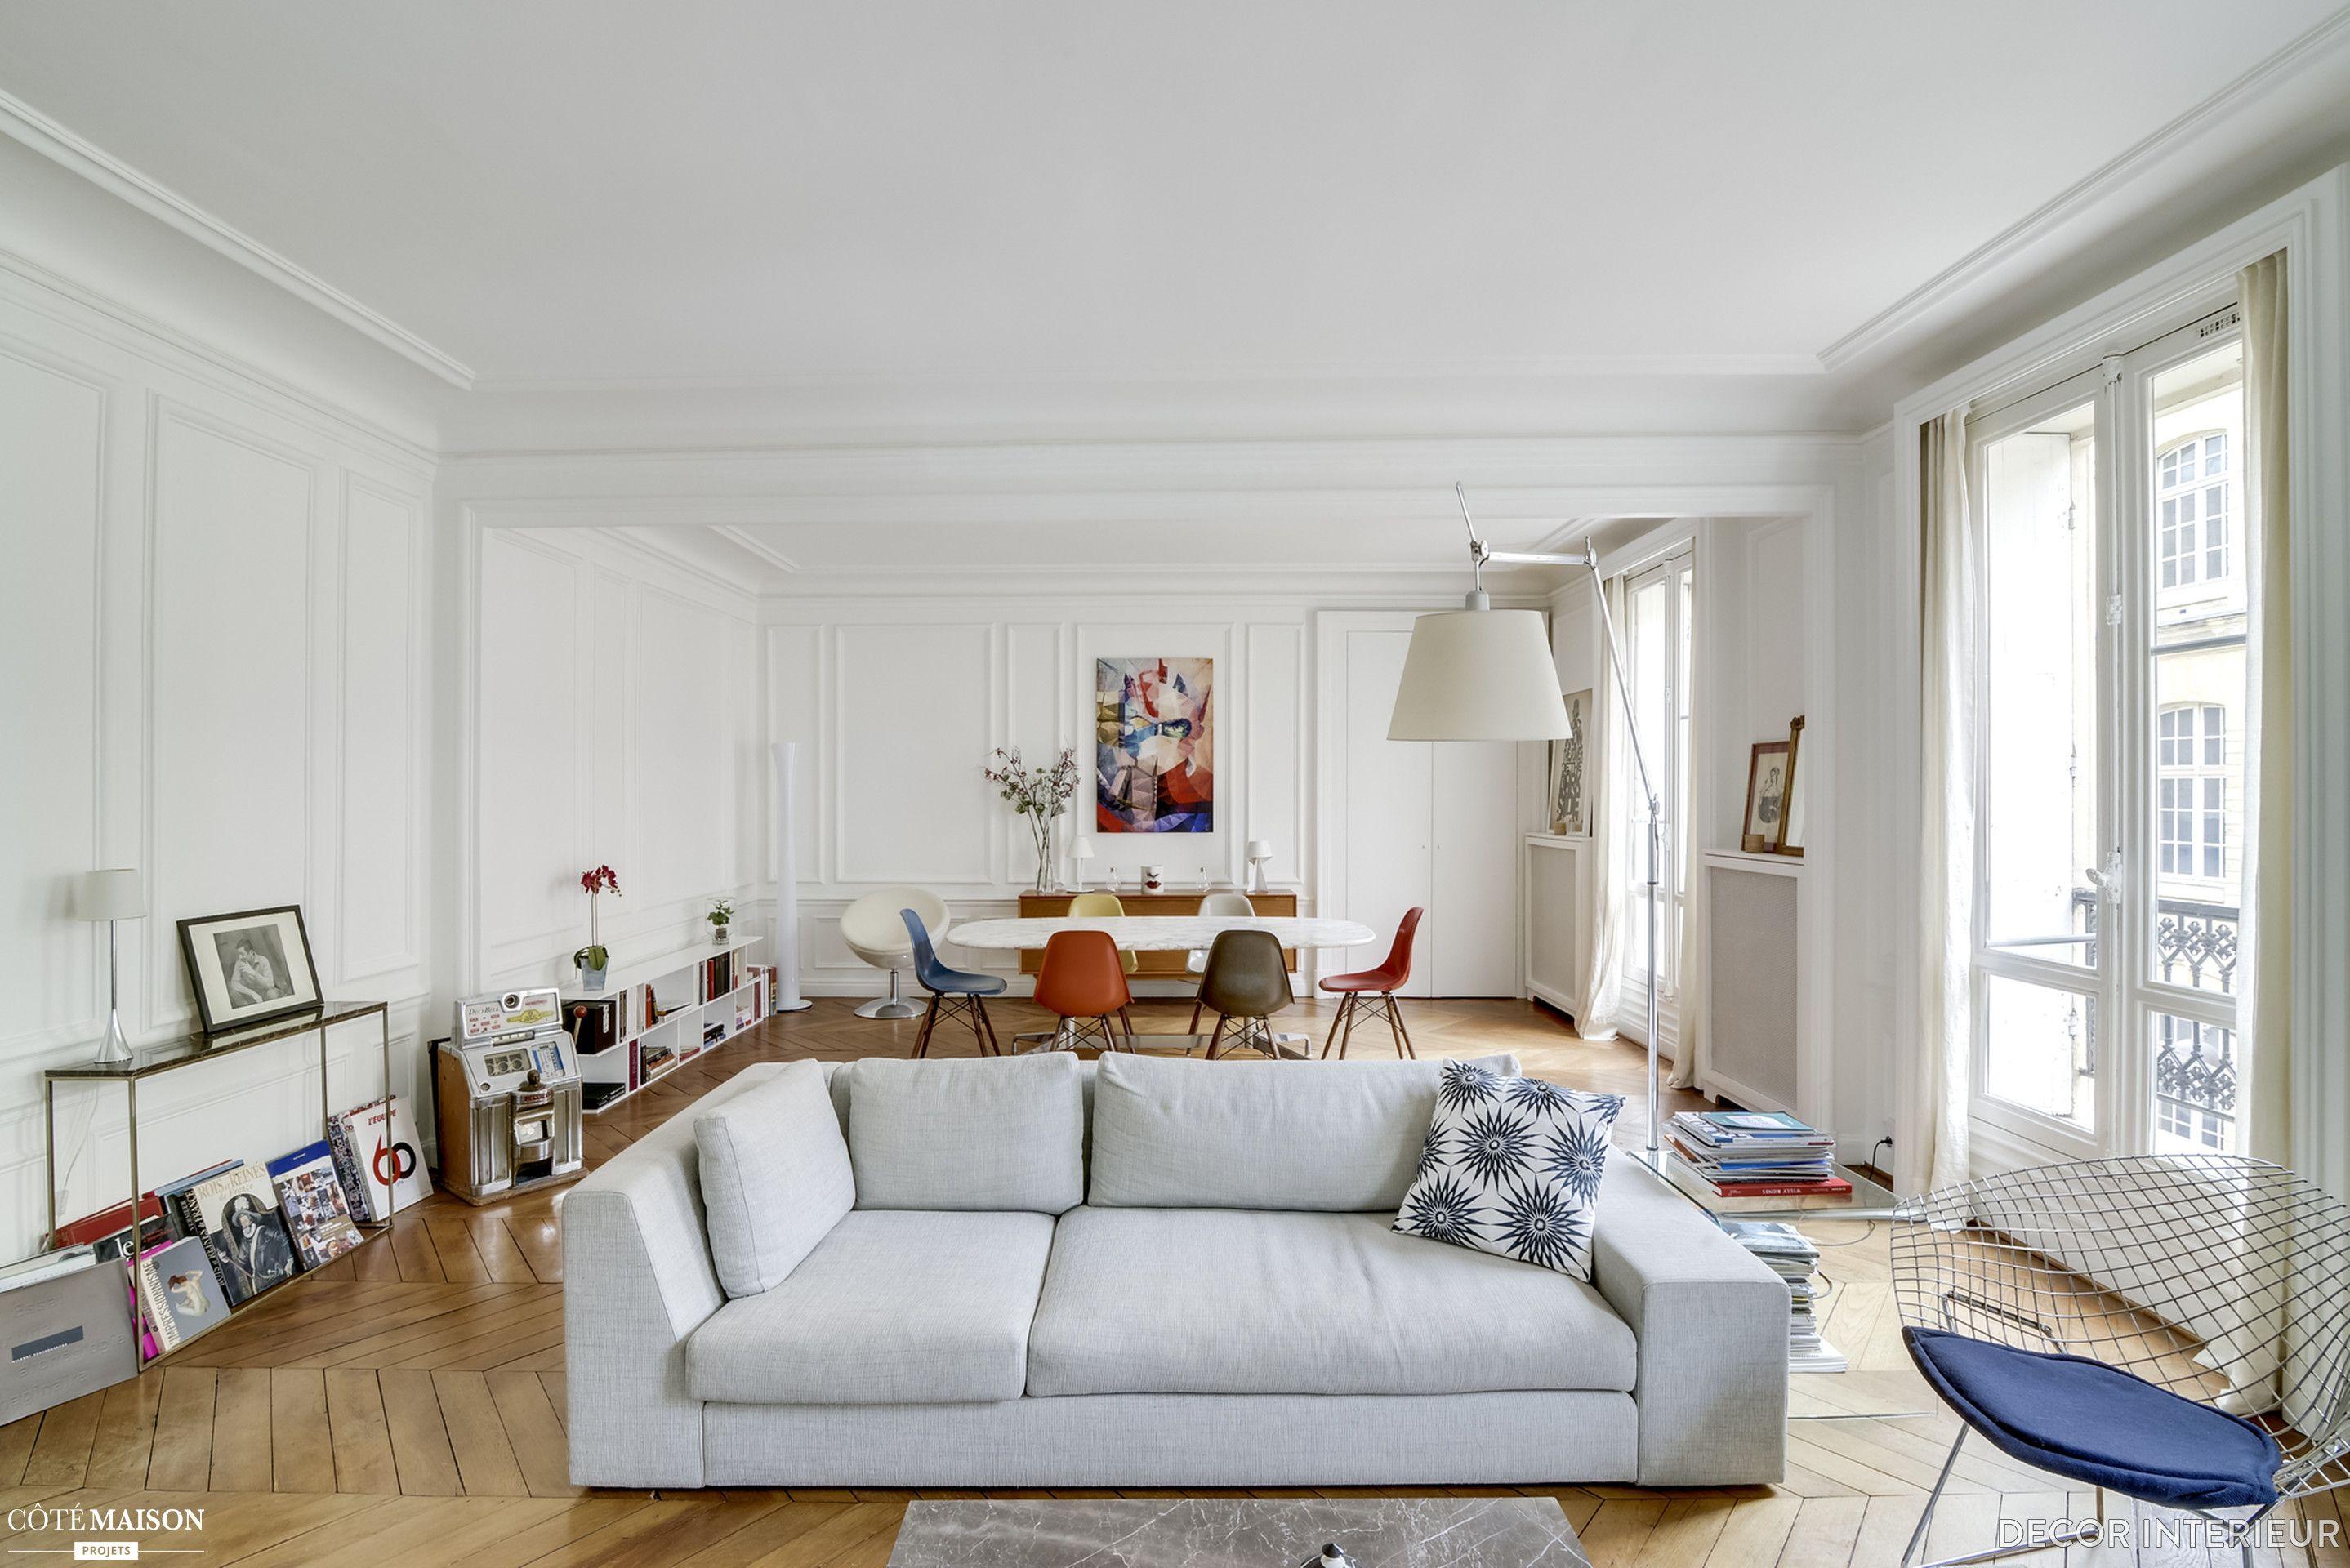 Un Appartement Parisien Hommage Au Design Des Annees 50 Et 60 Decor Interieur Cote Maison Appartement Parisien Decoration Interieure Appartement